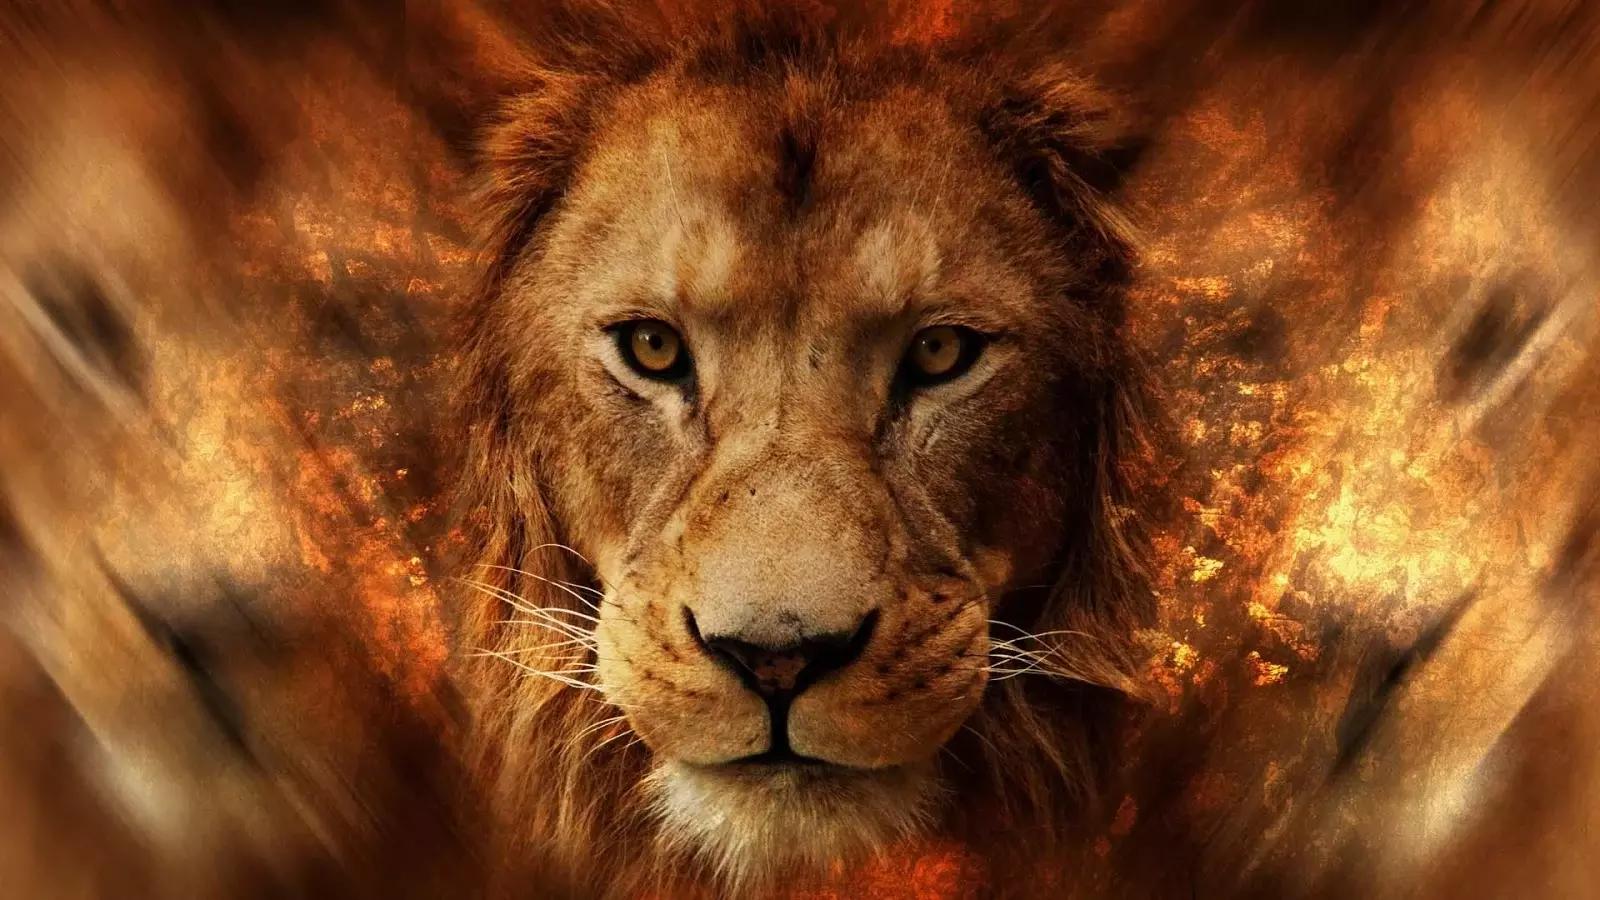 可爱的狮子壁纸